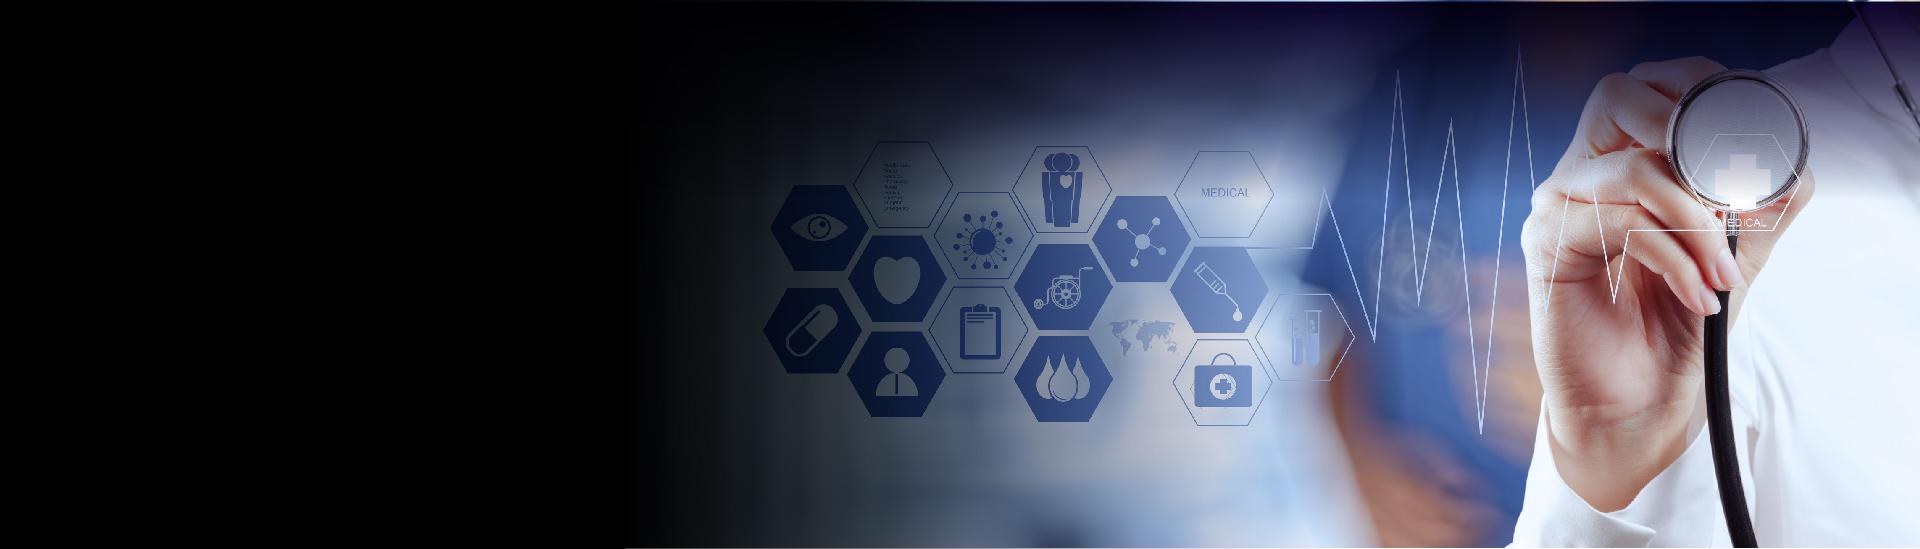 愛數醫療行業解決方案